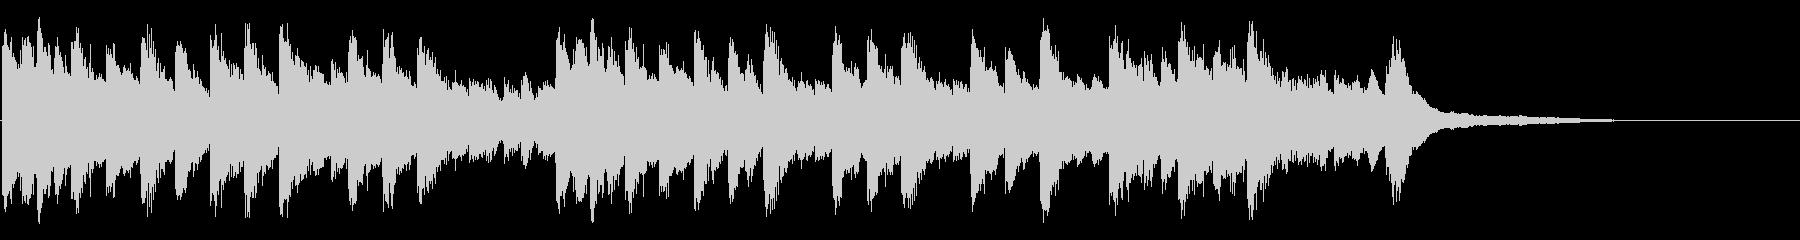 ゆったりとしたピアノソロ曲の未再生の波形